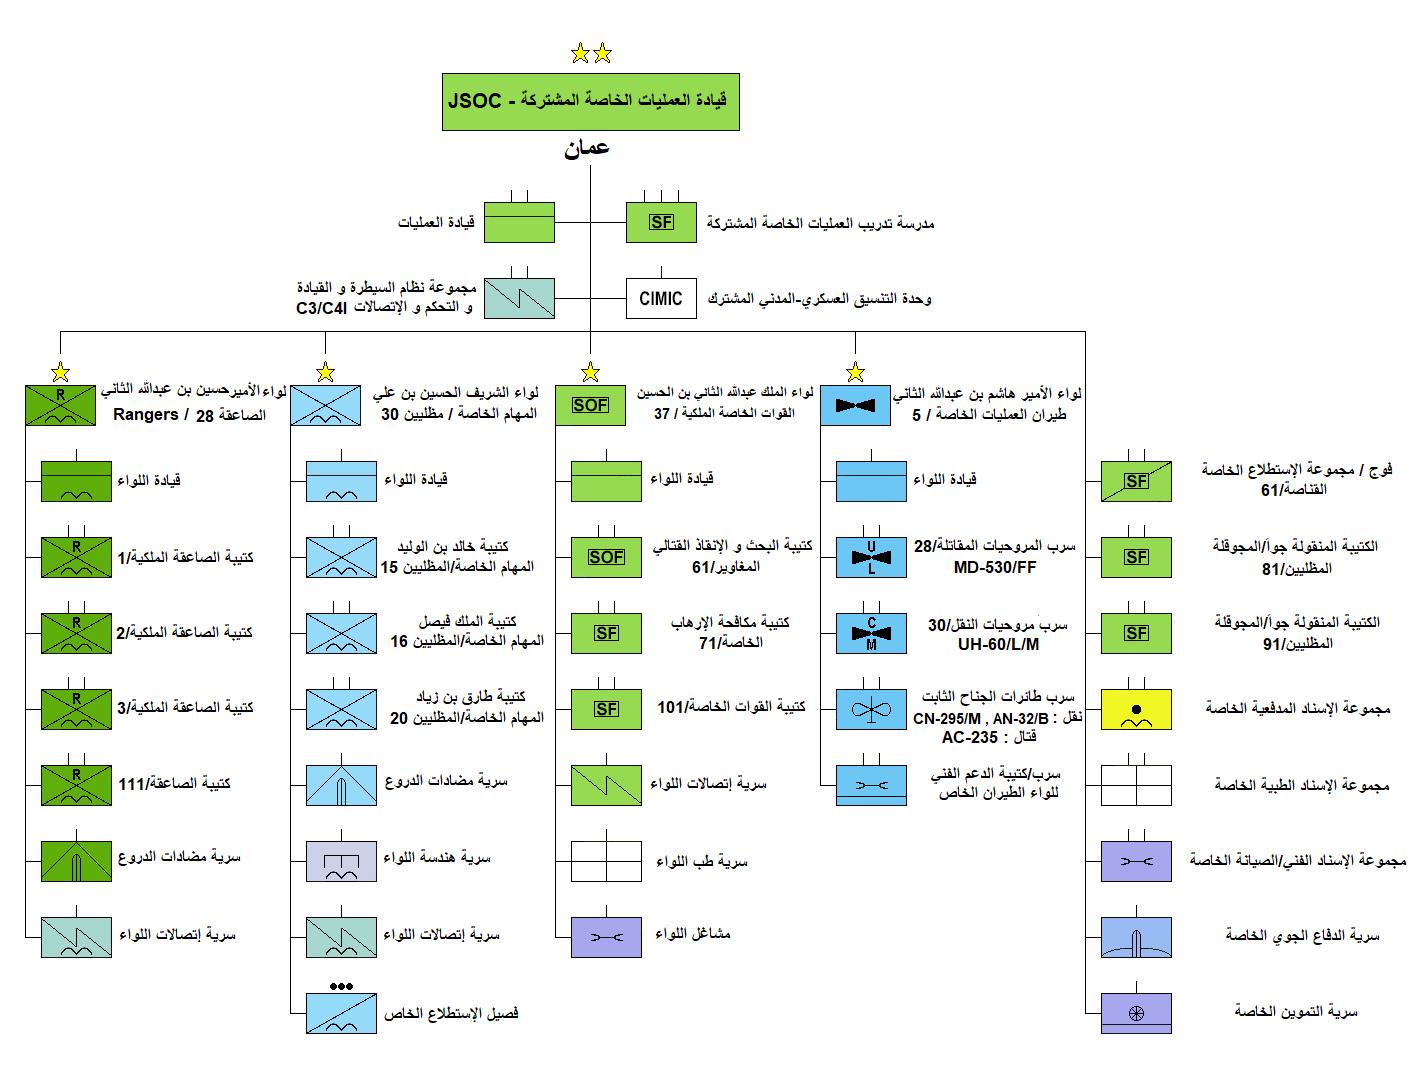 العمليات الخاصة المشتركة.png